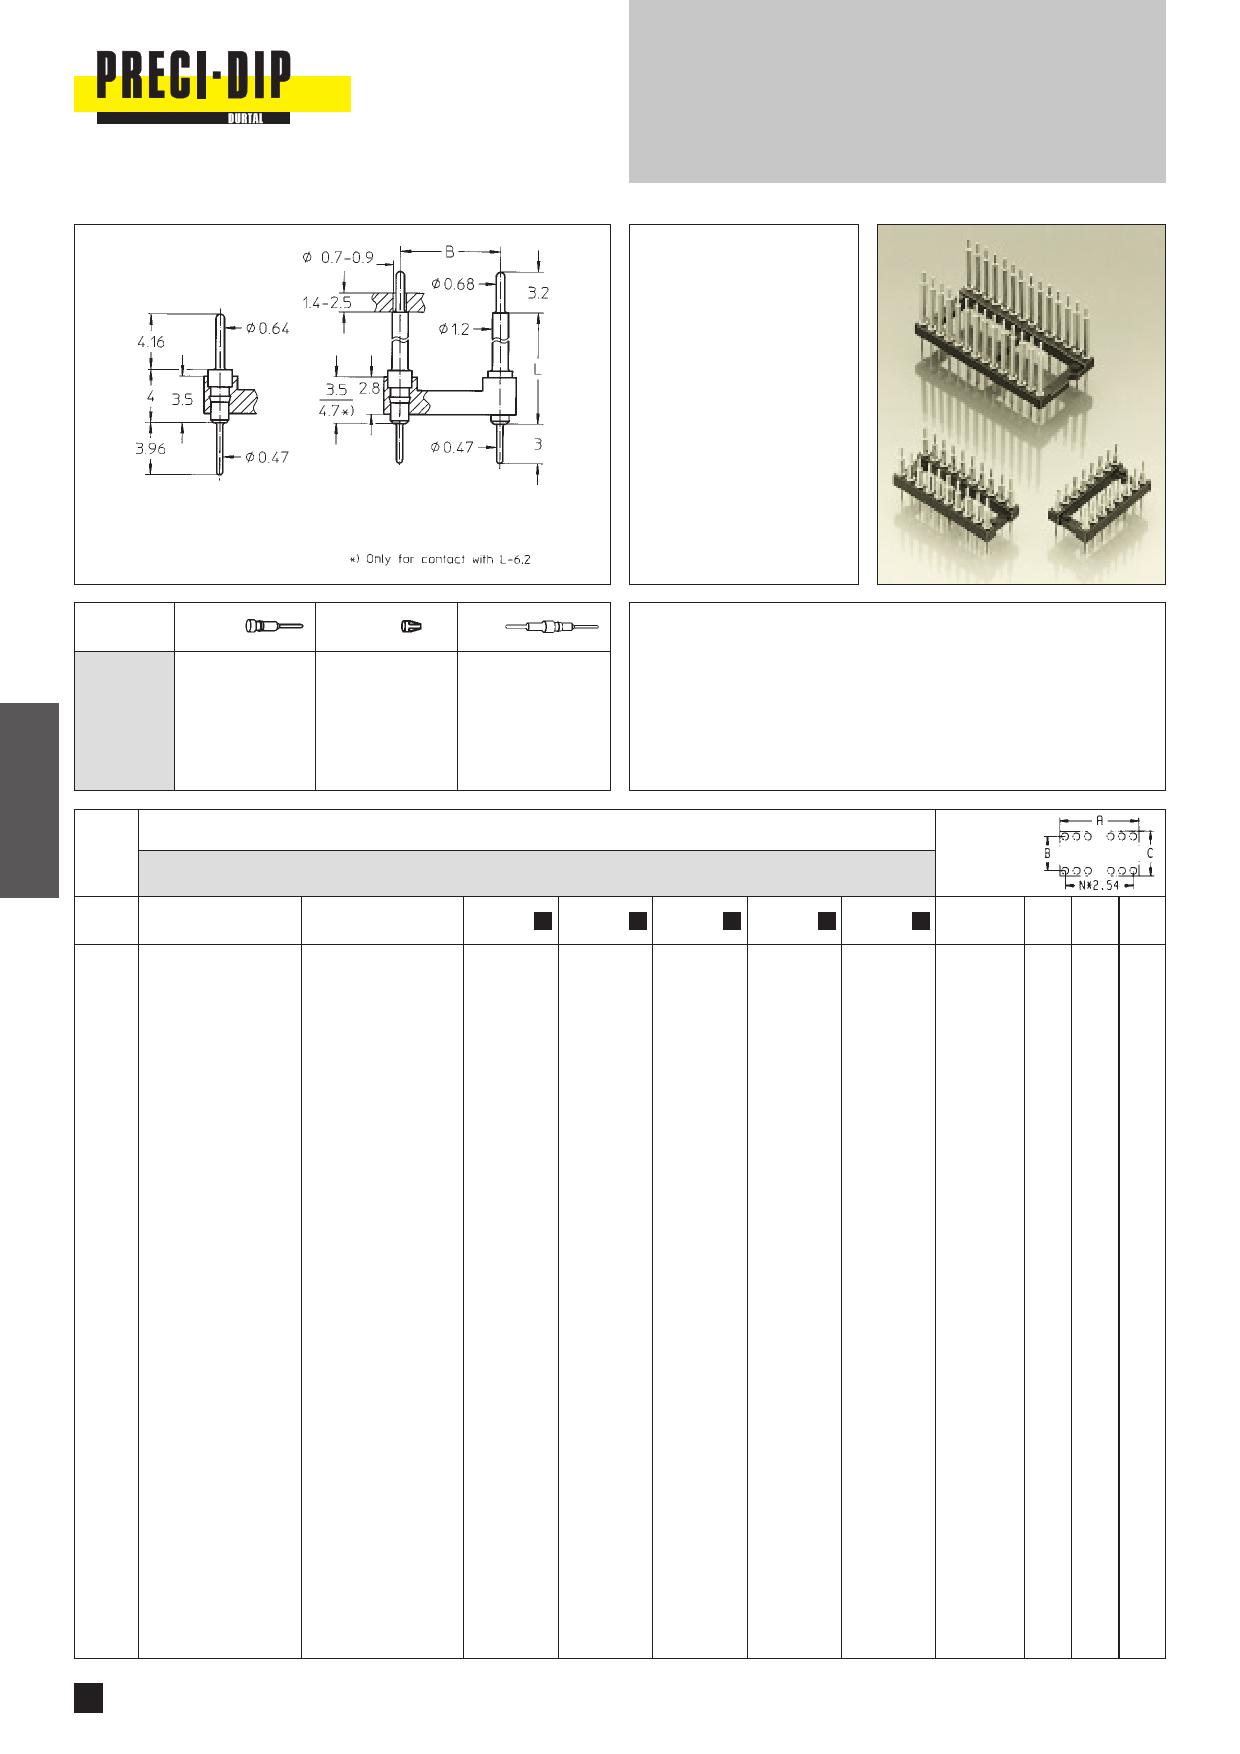 151-10-306-00-009 datasheet